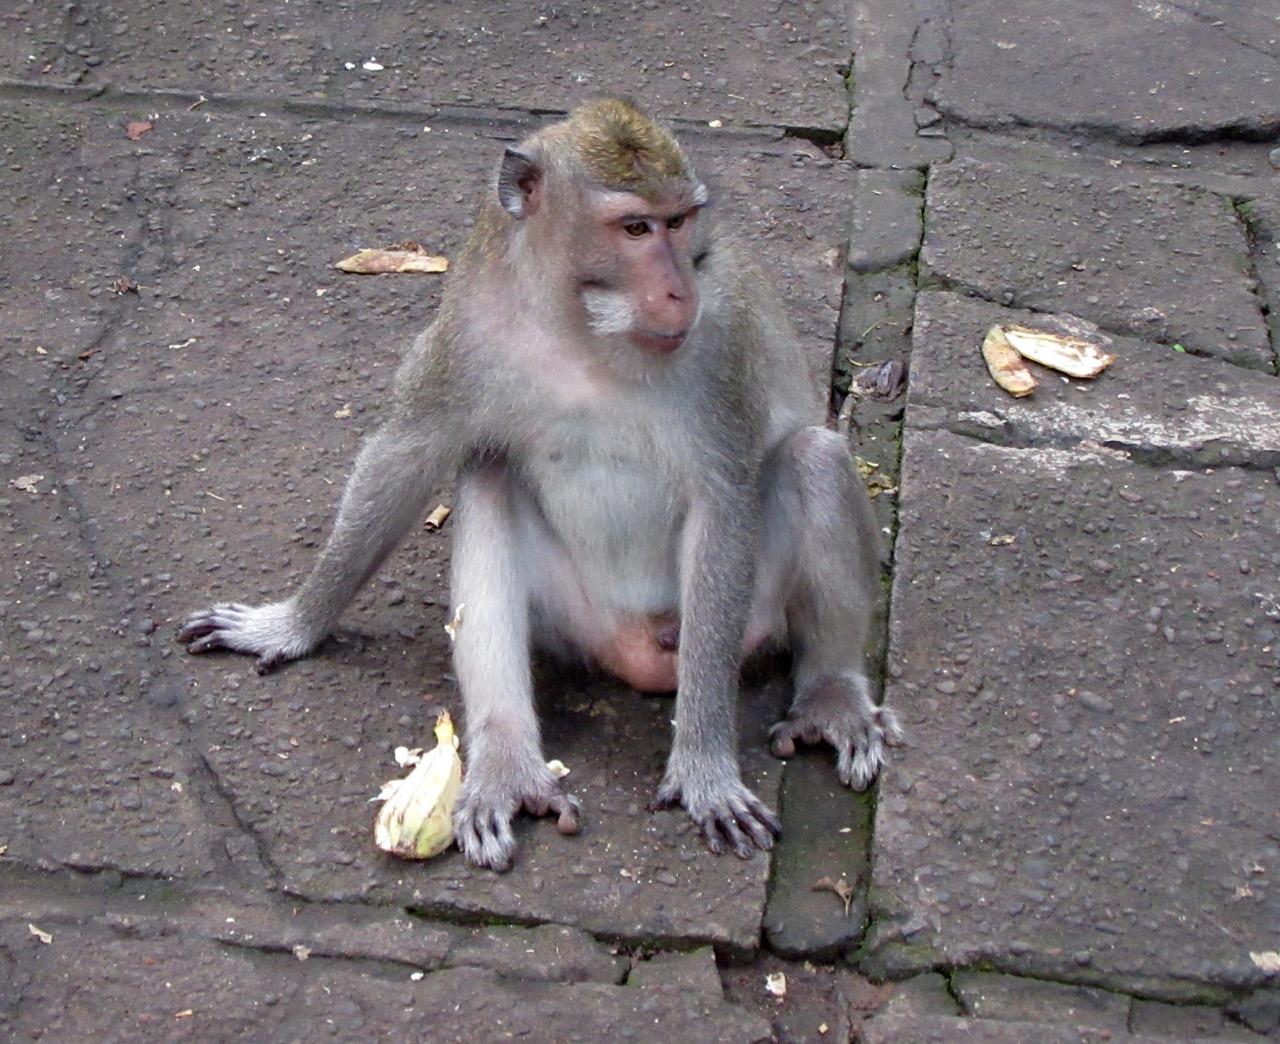 A Monkey Bum.